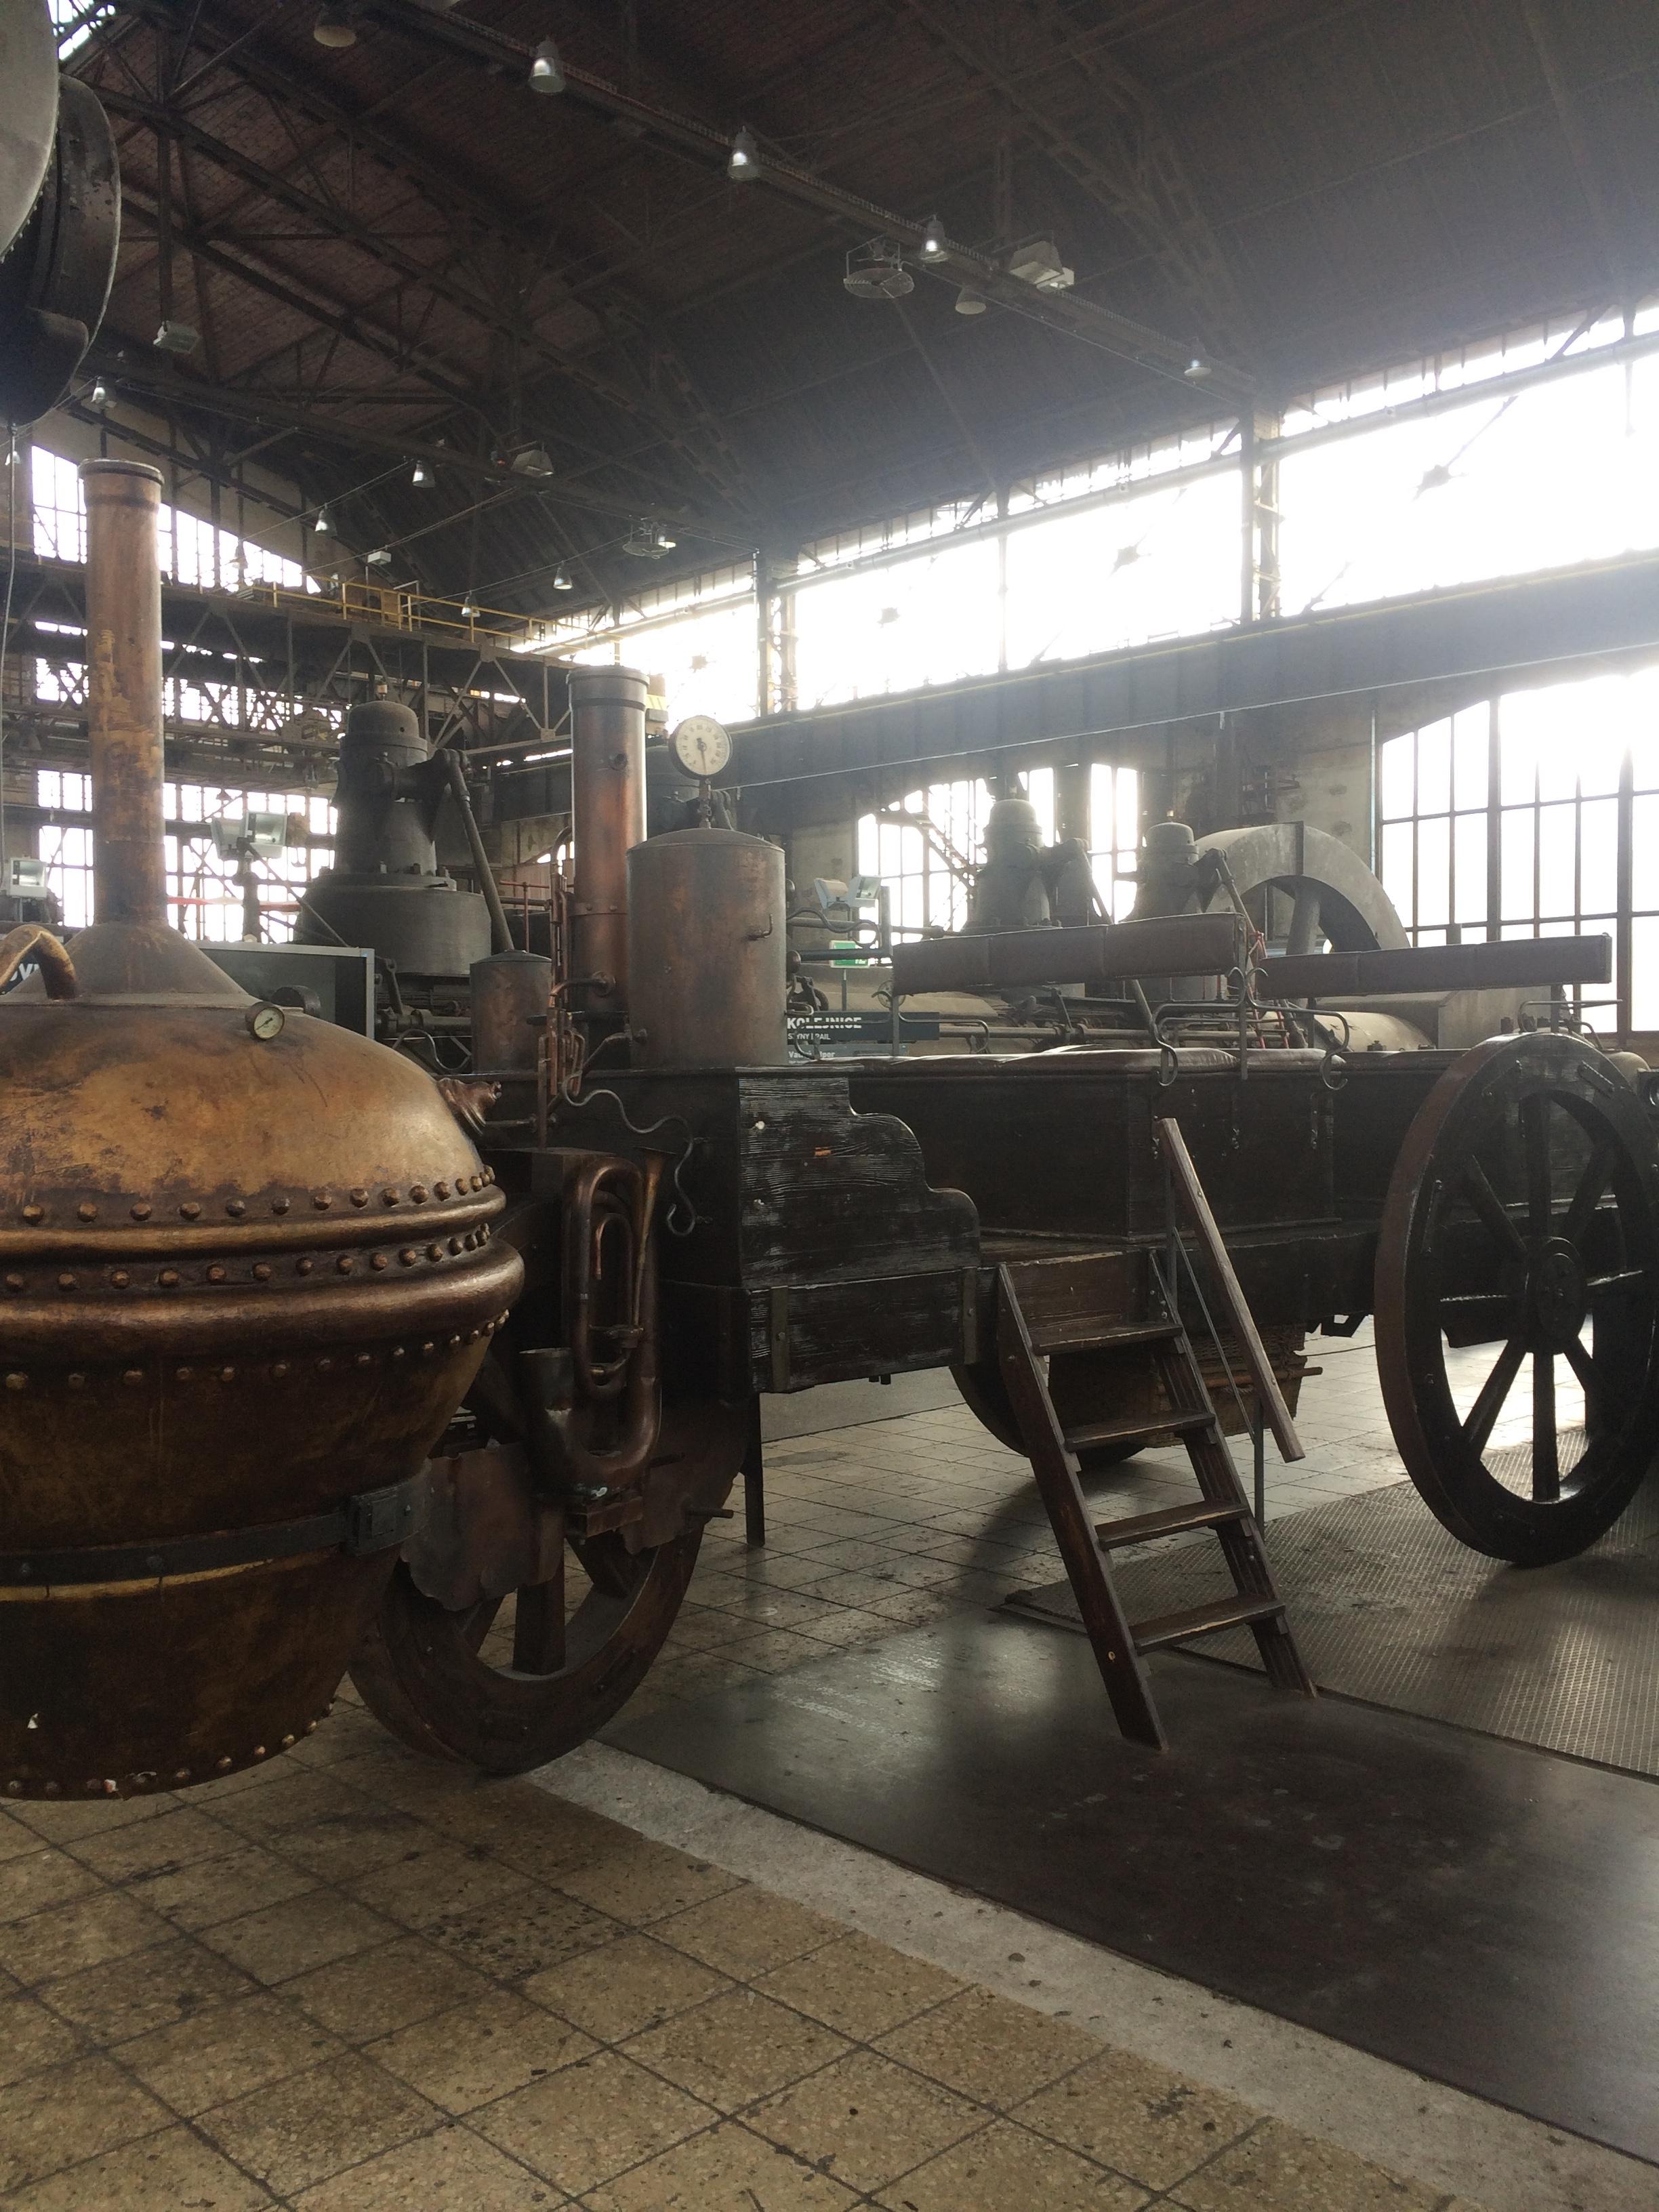 Une pièce de musée là exposée : une des premières voitures à vapeur